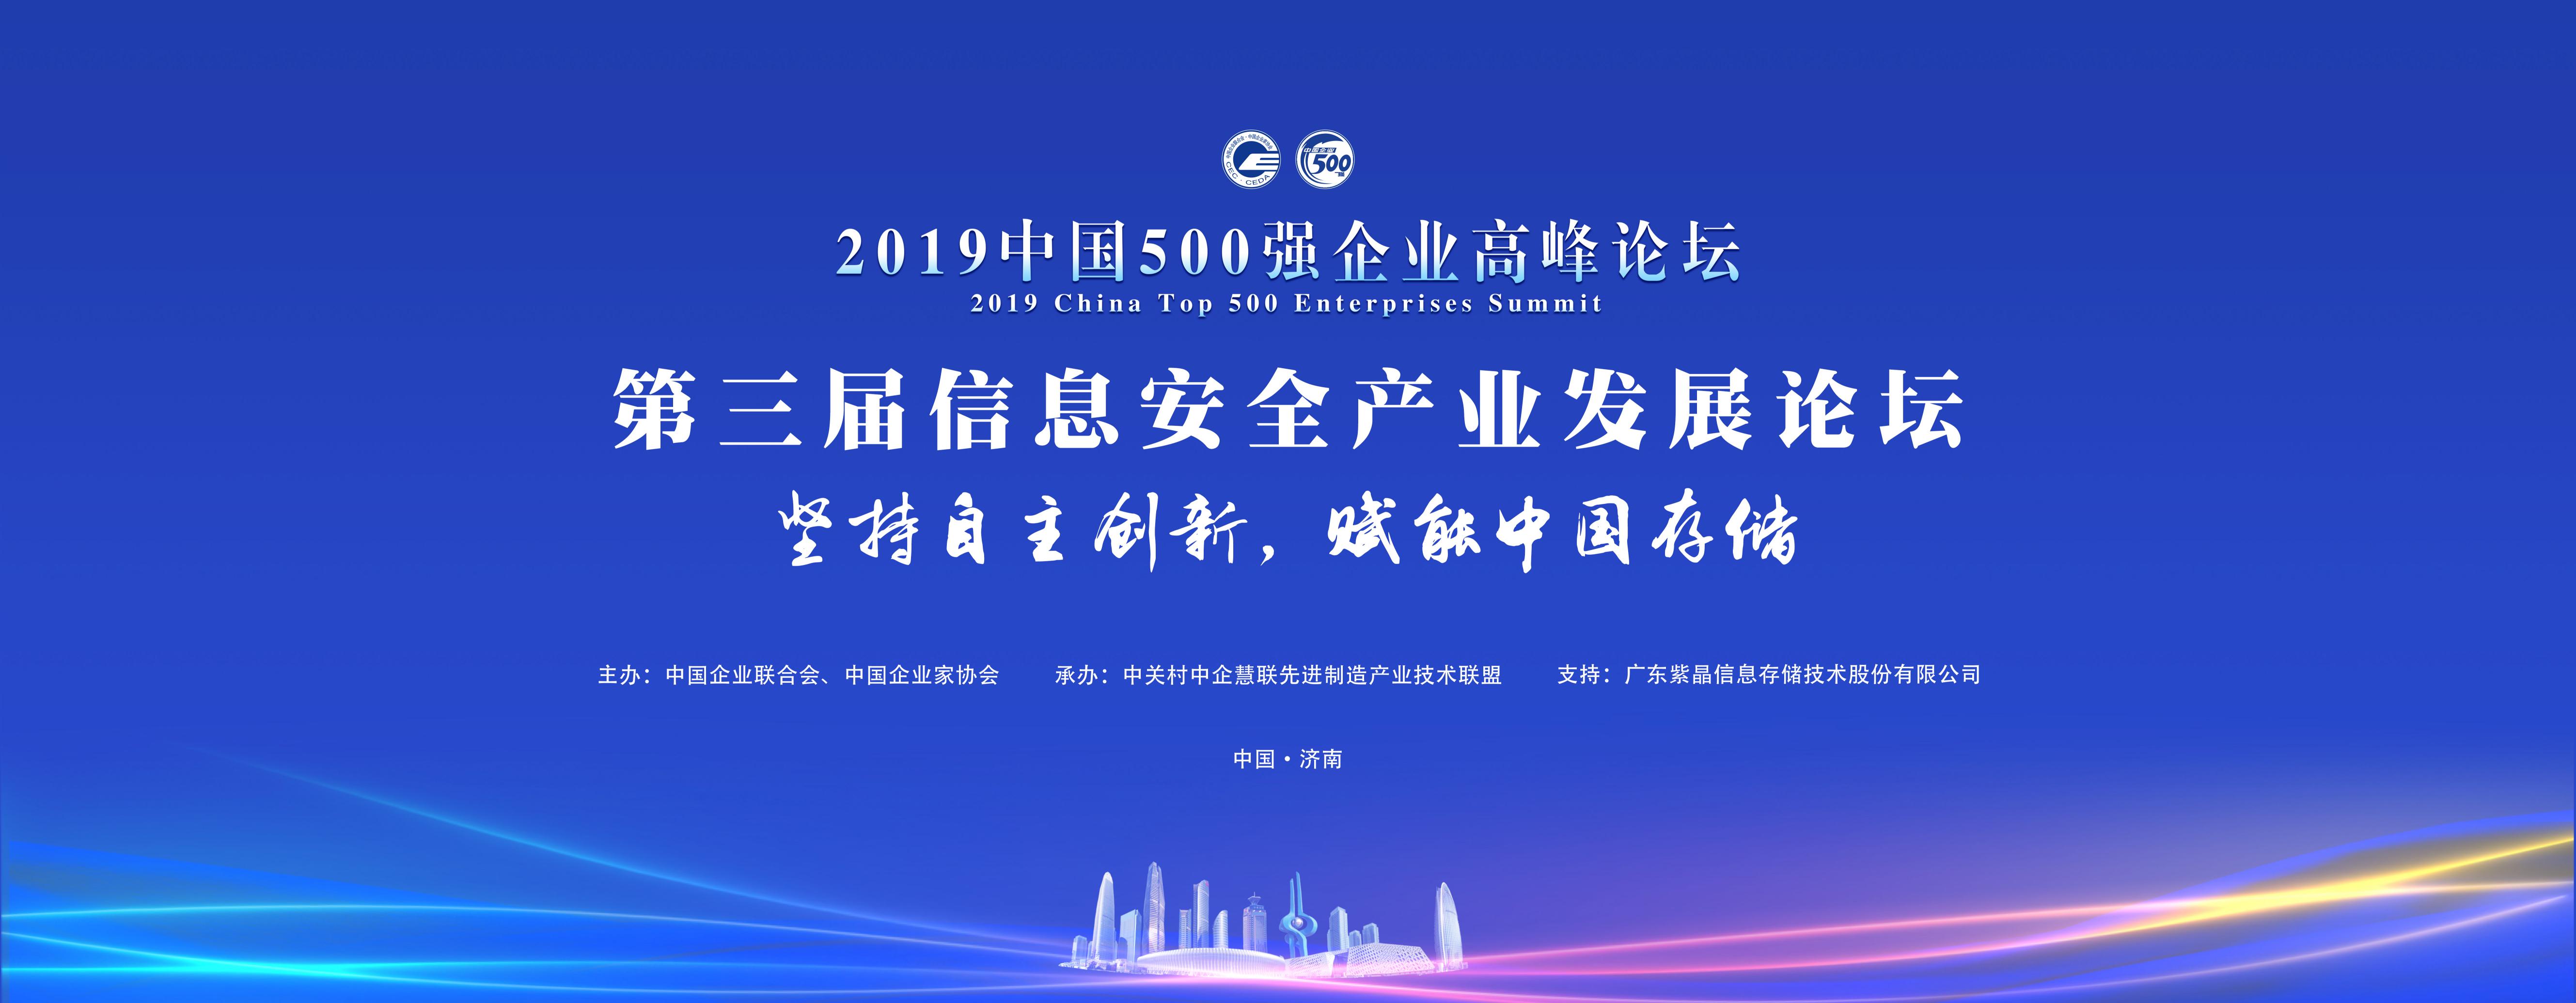 2019年中国500强企业高峰论坛专题活动-第三届信息安全发展论坛